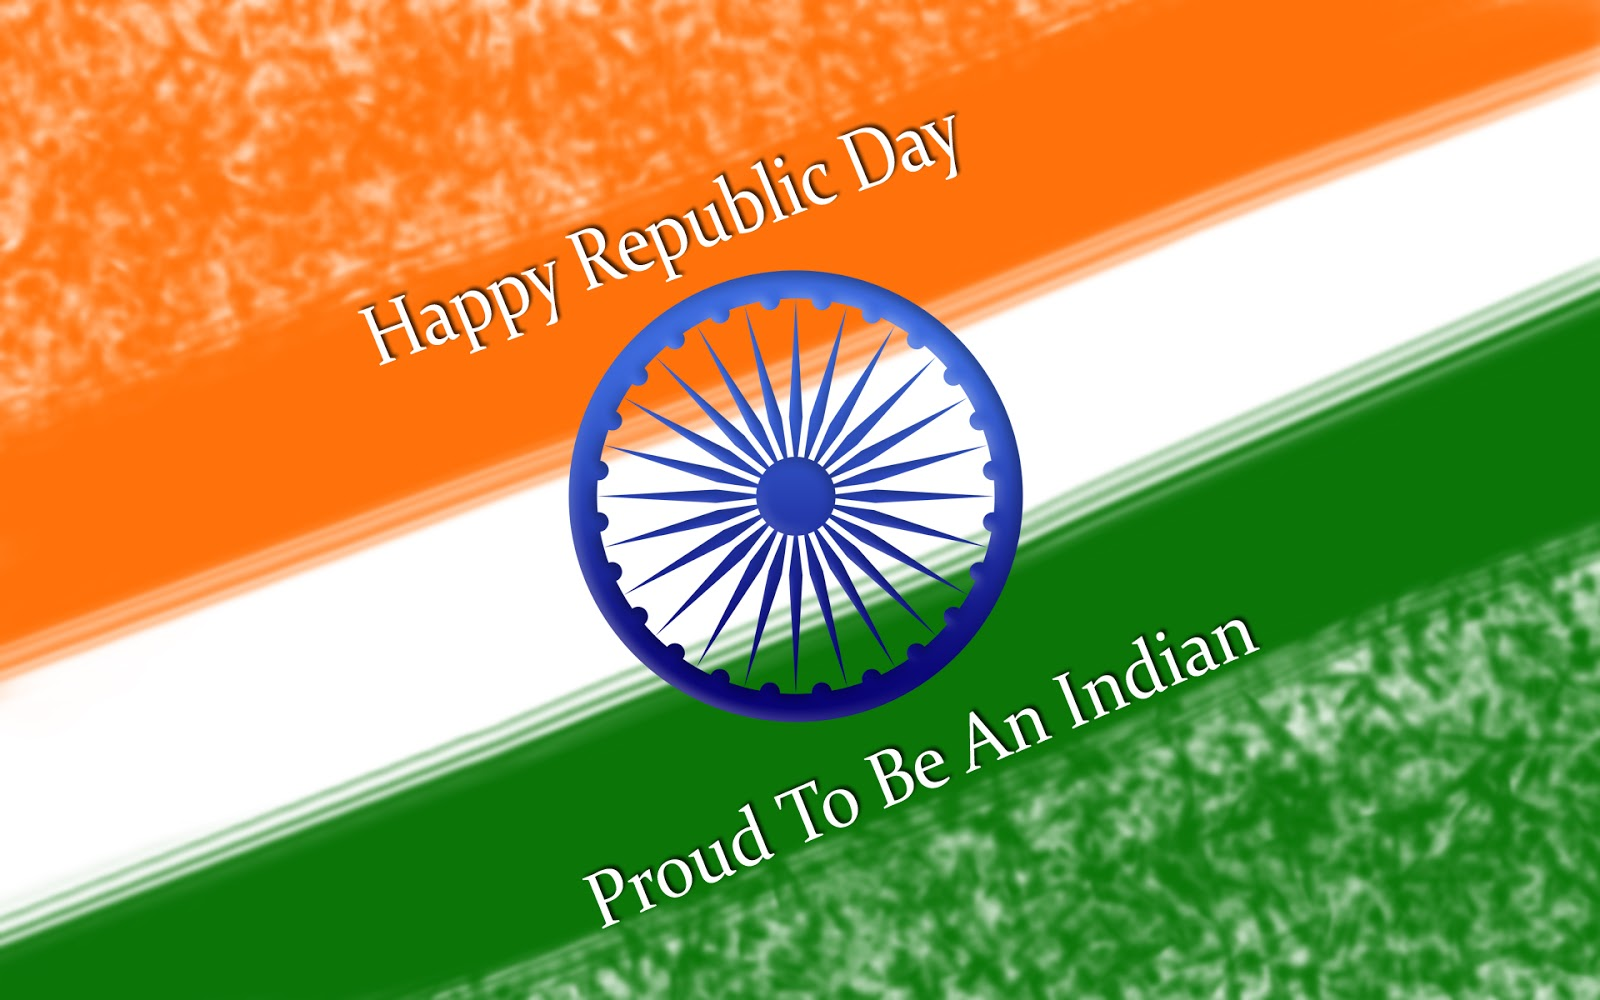 republic day images in telugu 2017